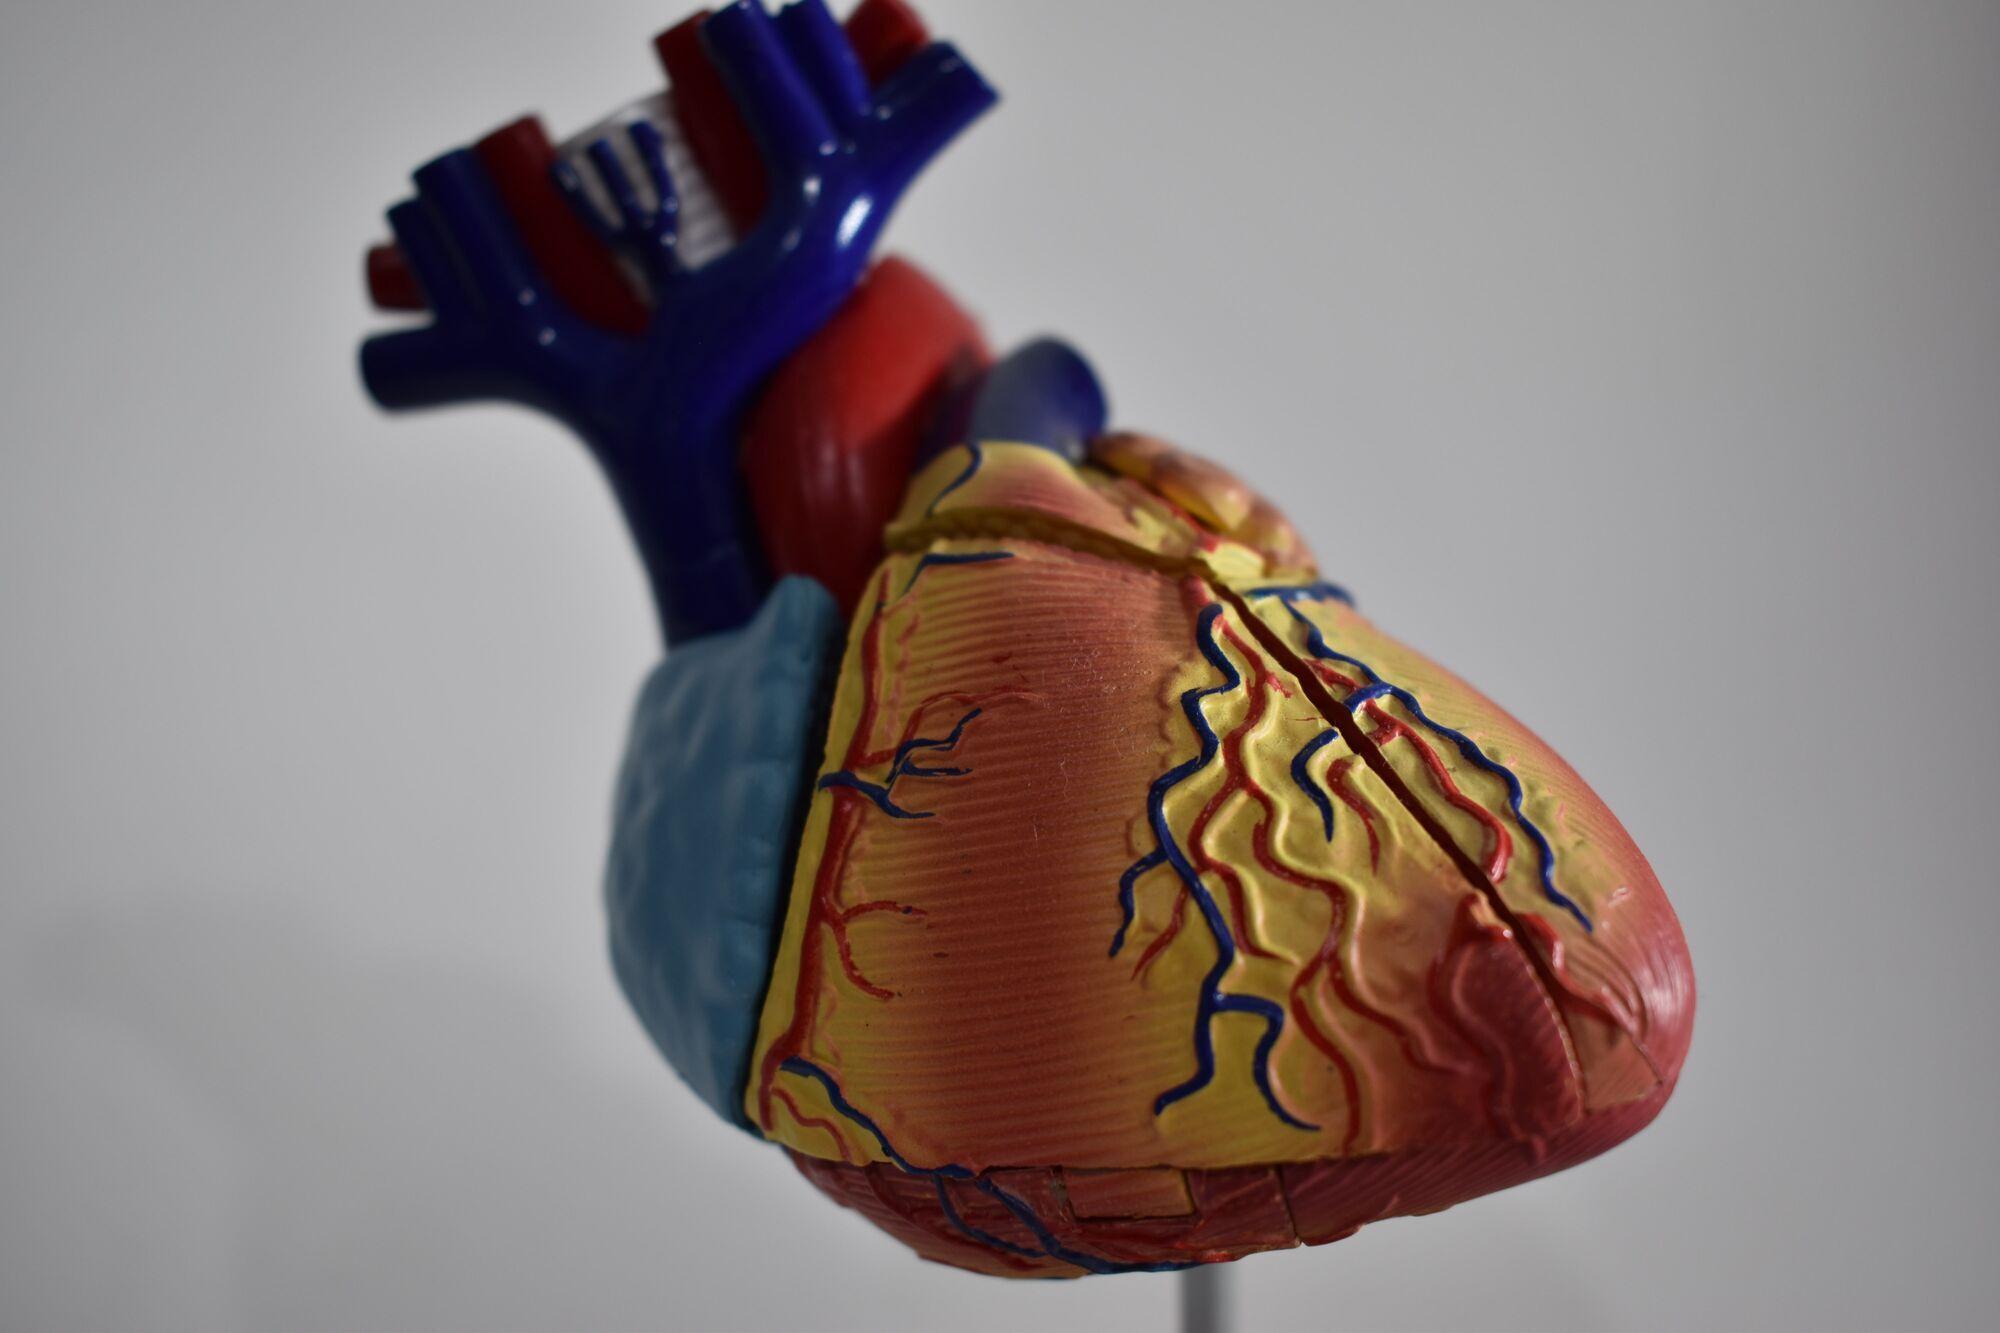 Трансплантаты органов, созданные при помощи 3D-печати, могут появиться в медицине через двадцать лет